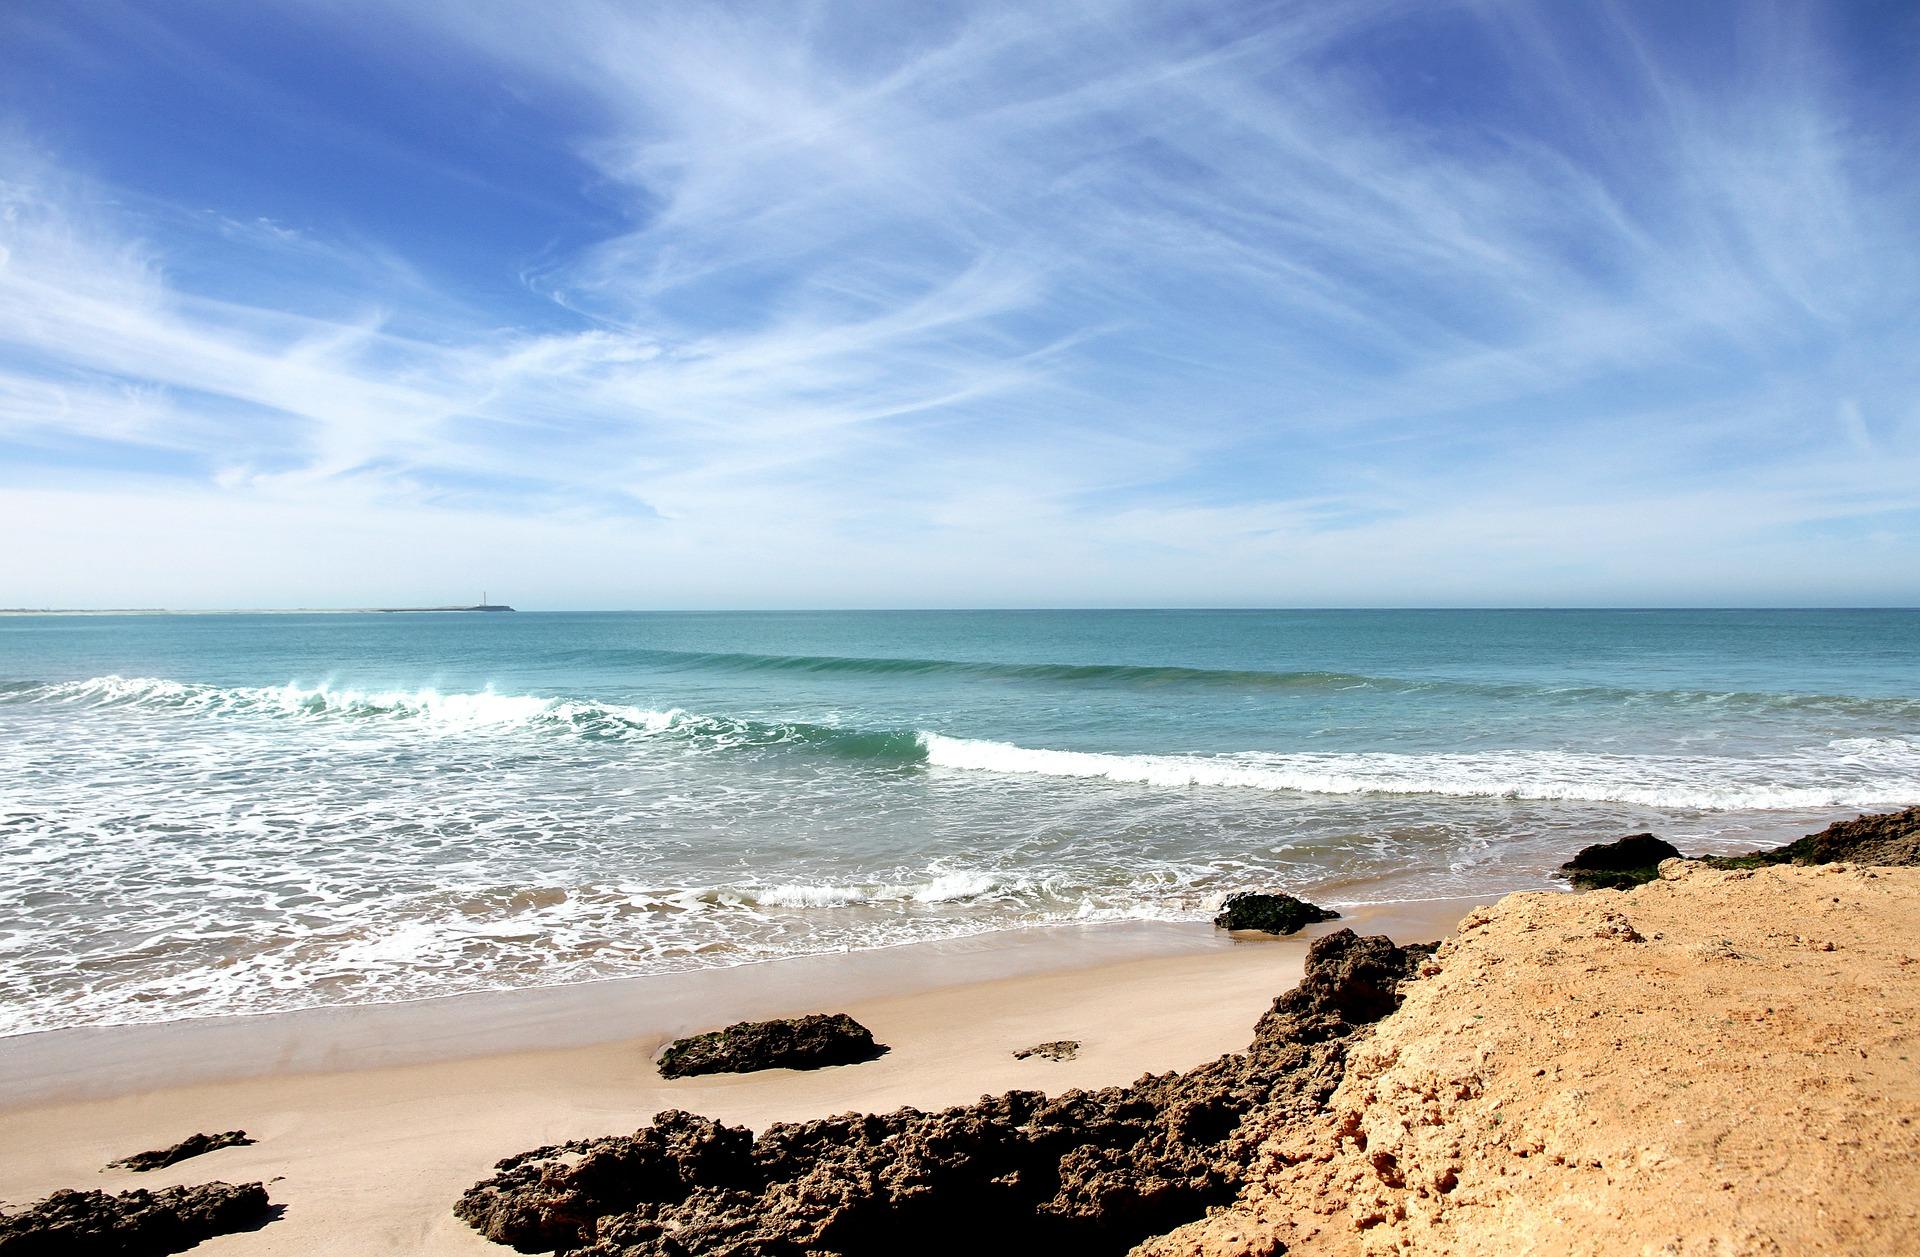 beach-352993_1920.jpg